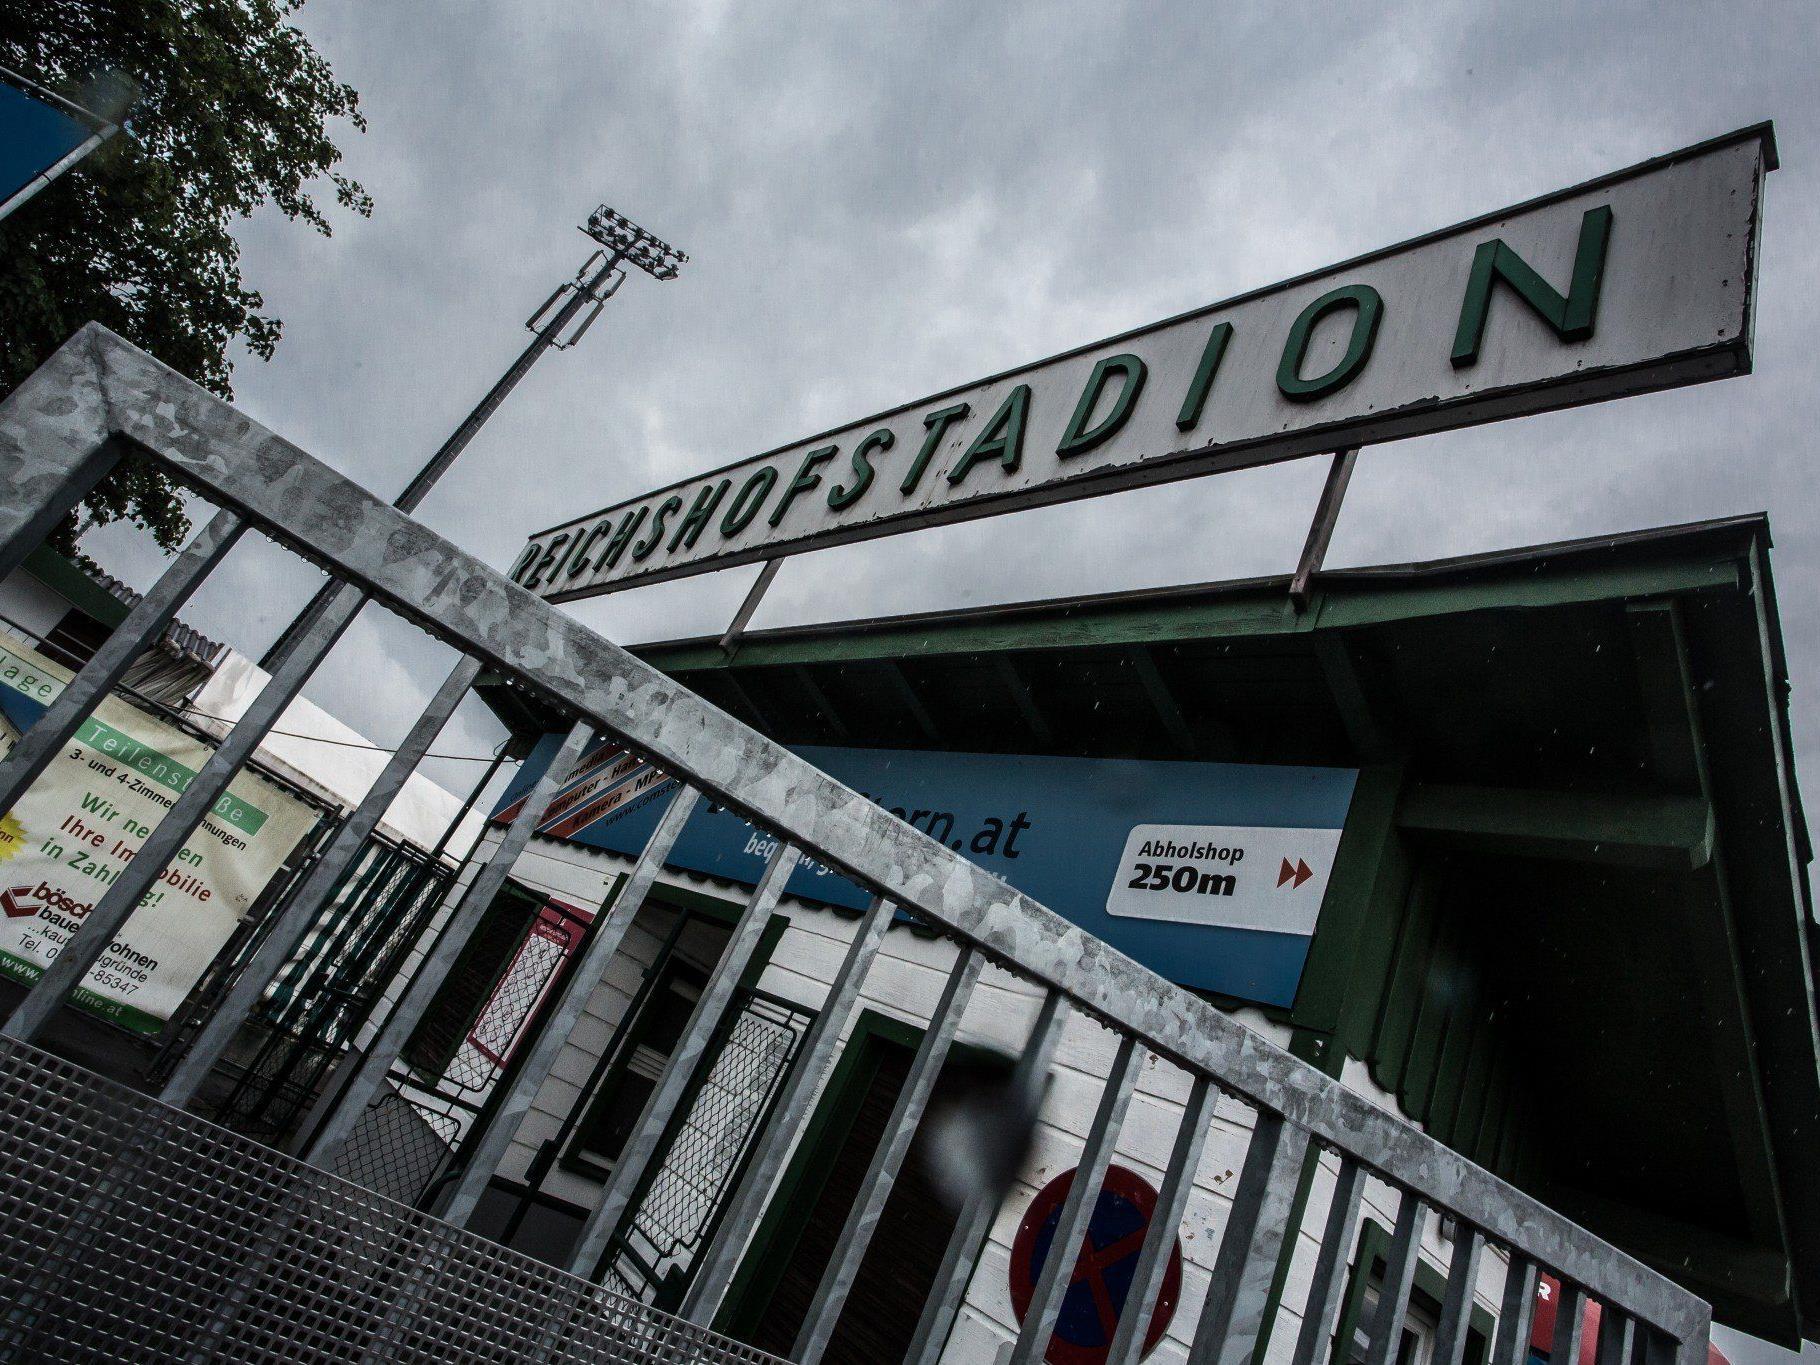 100 Jahre SC Austria Lustenau: Nach dem Spiel der Austria gegen 1860 München kam es zu Ausschreitungen.